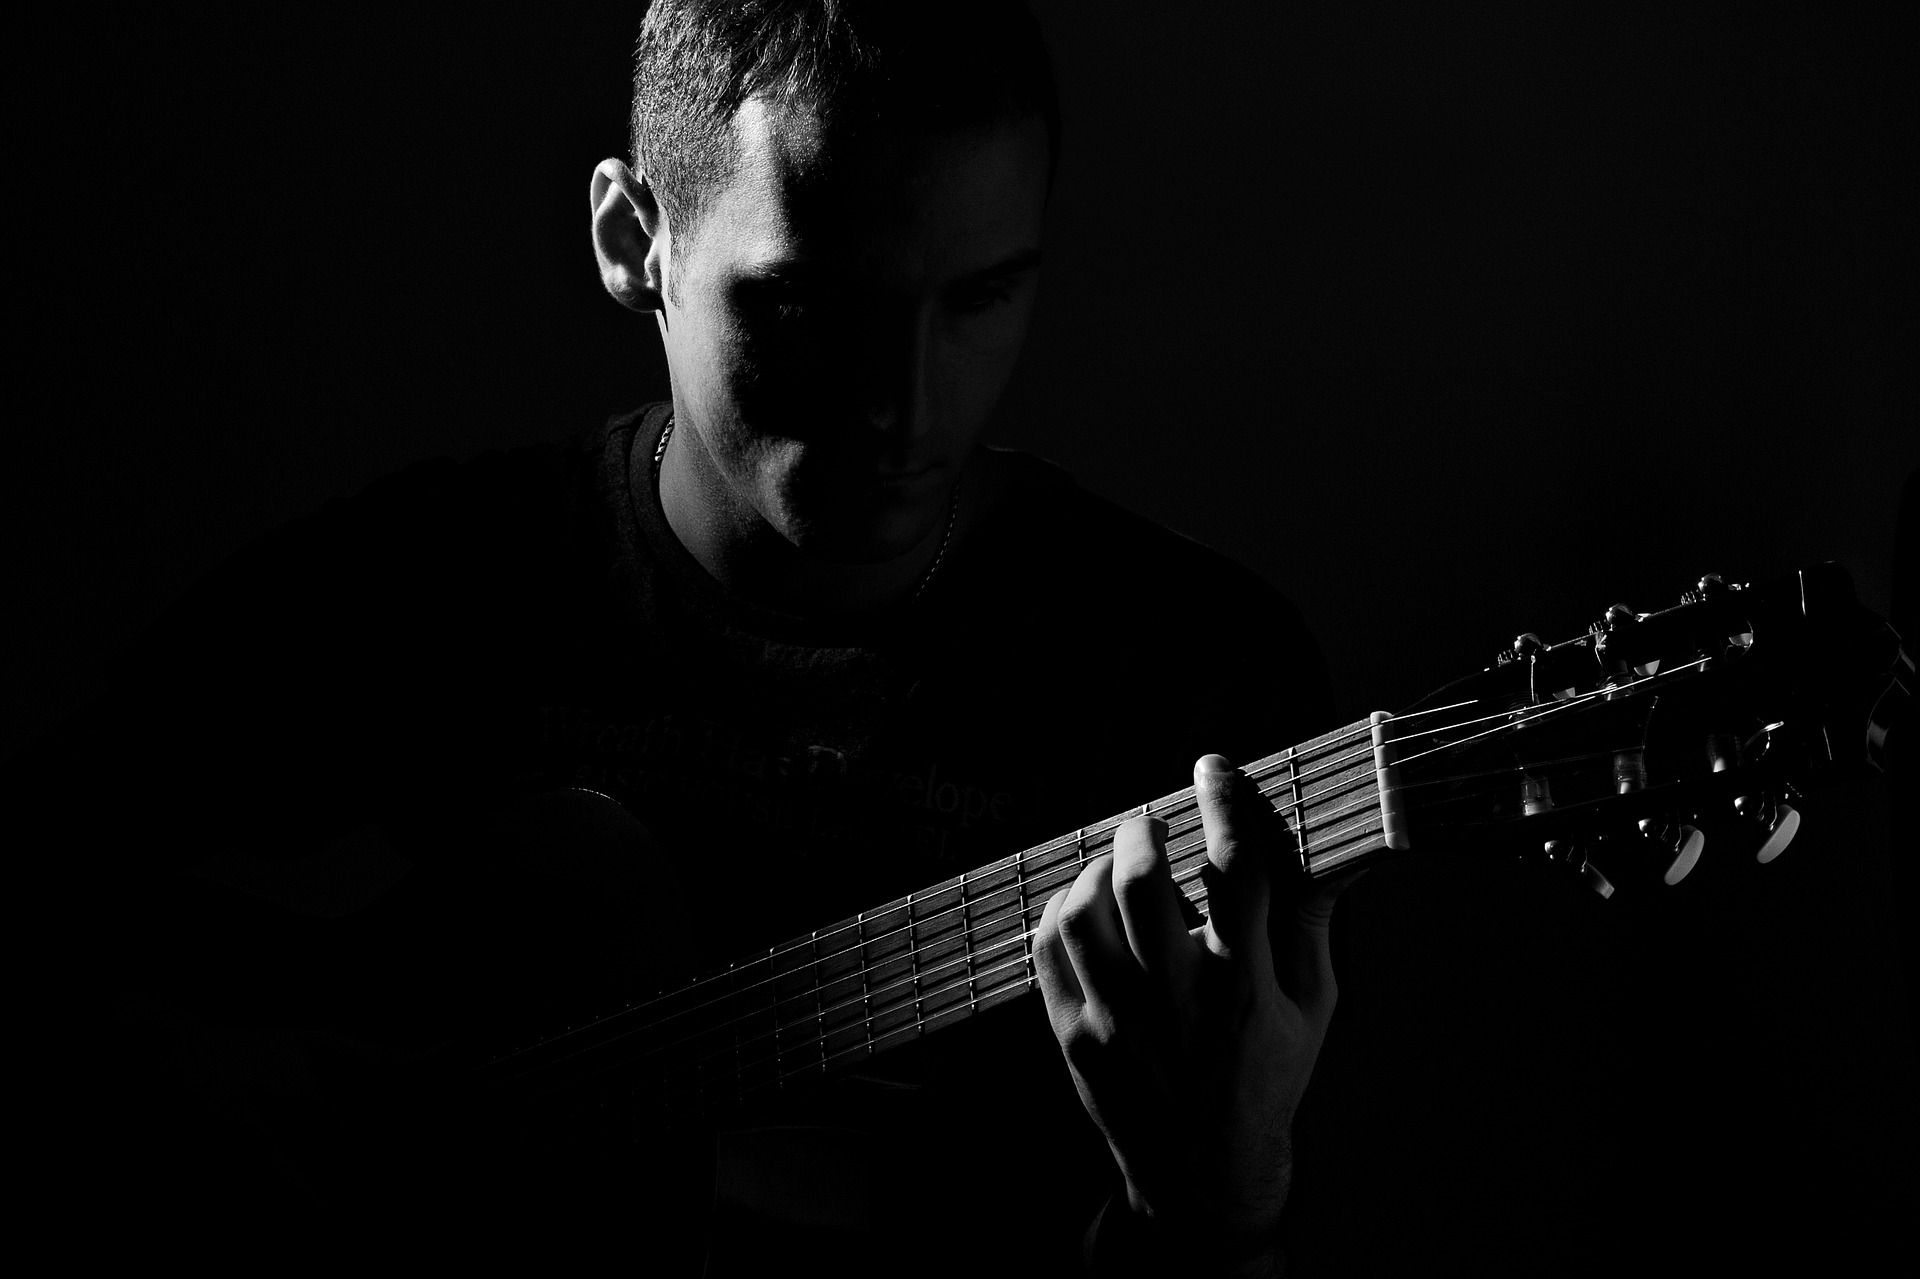 guitar-1699501_1920